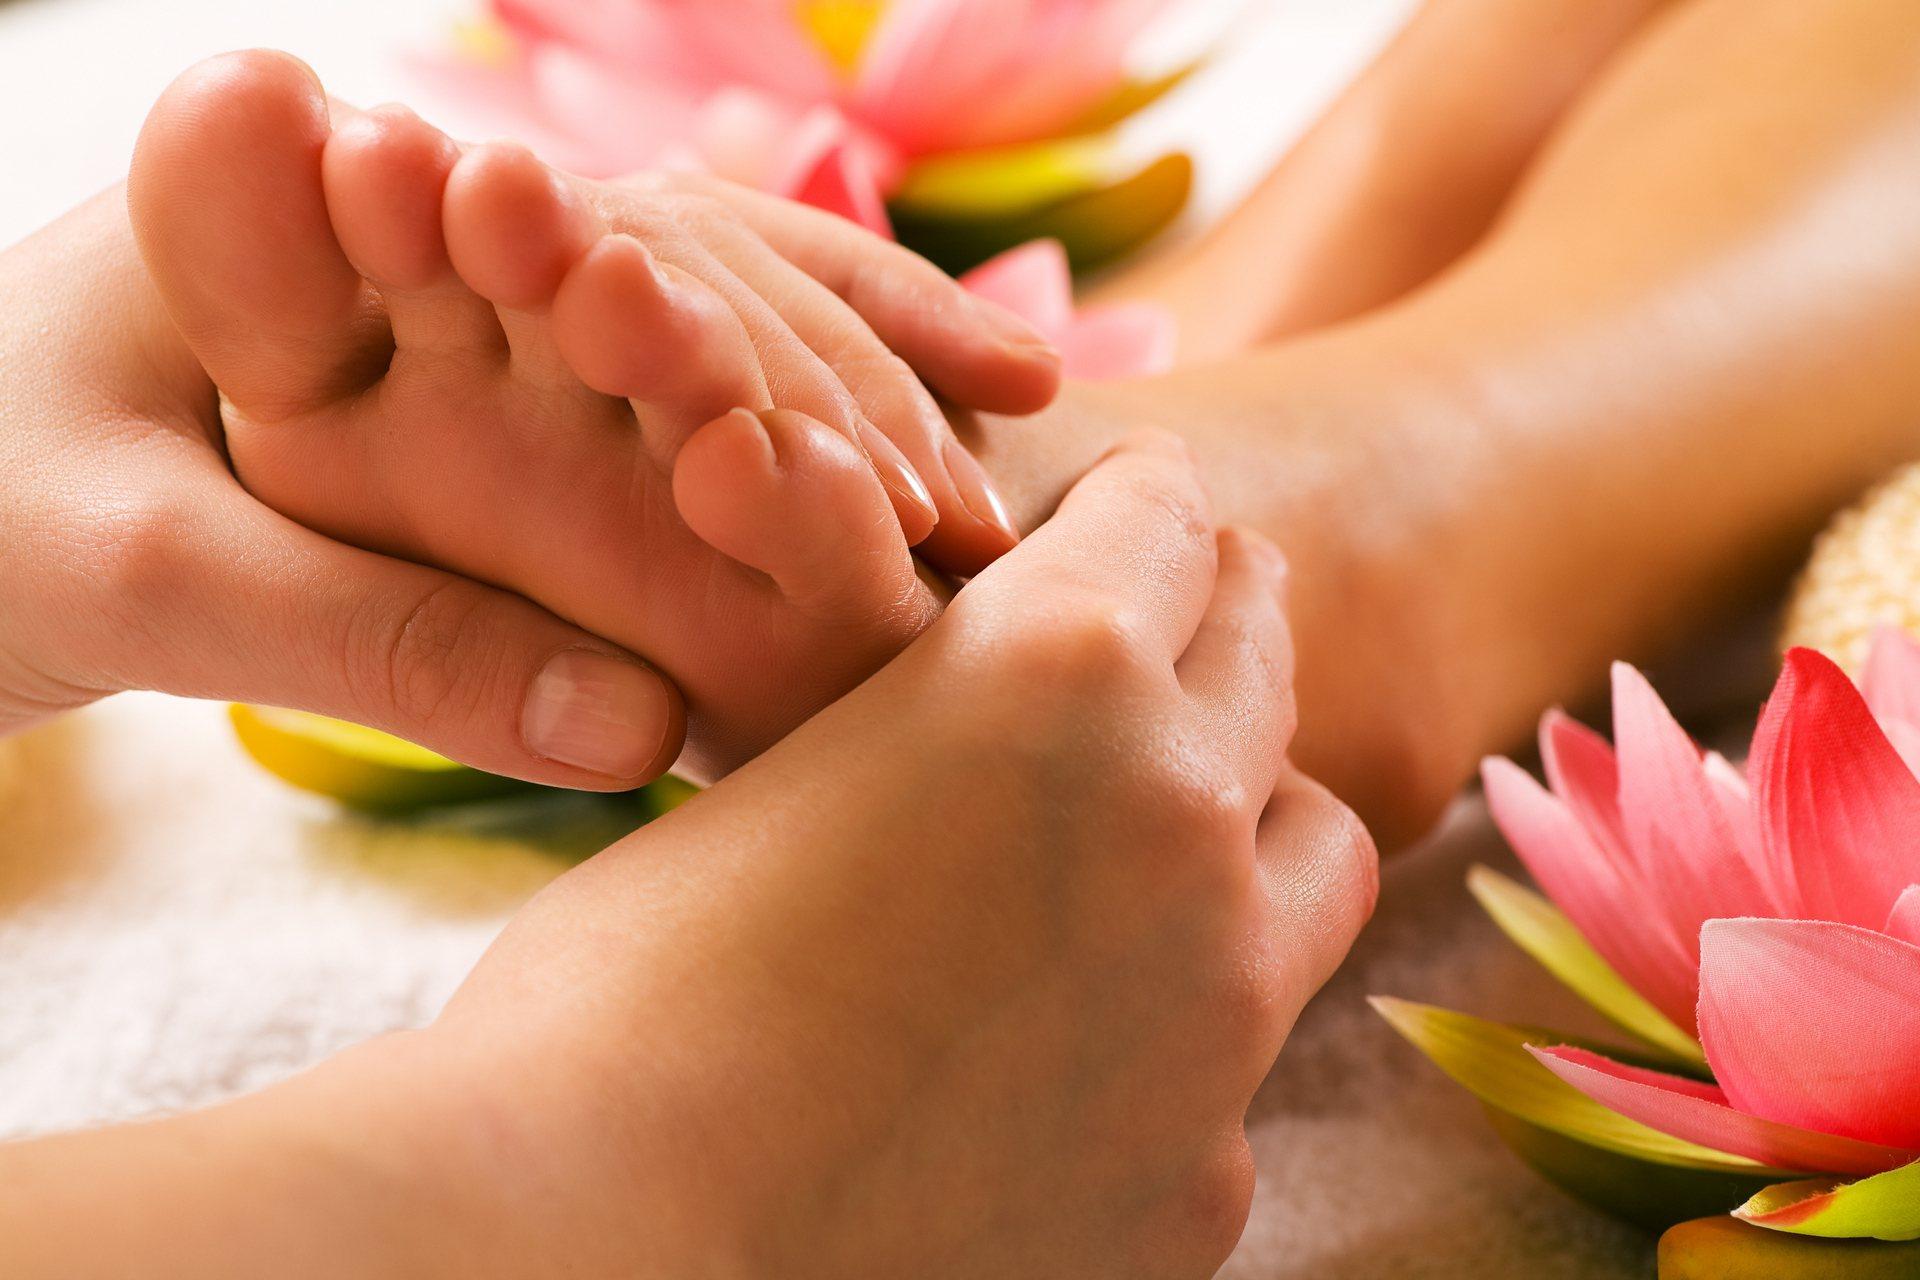 ízületi gyulladás a boka ízületének 1-2 fokában fájdalom a karok és a lábak ízületeiben